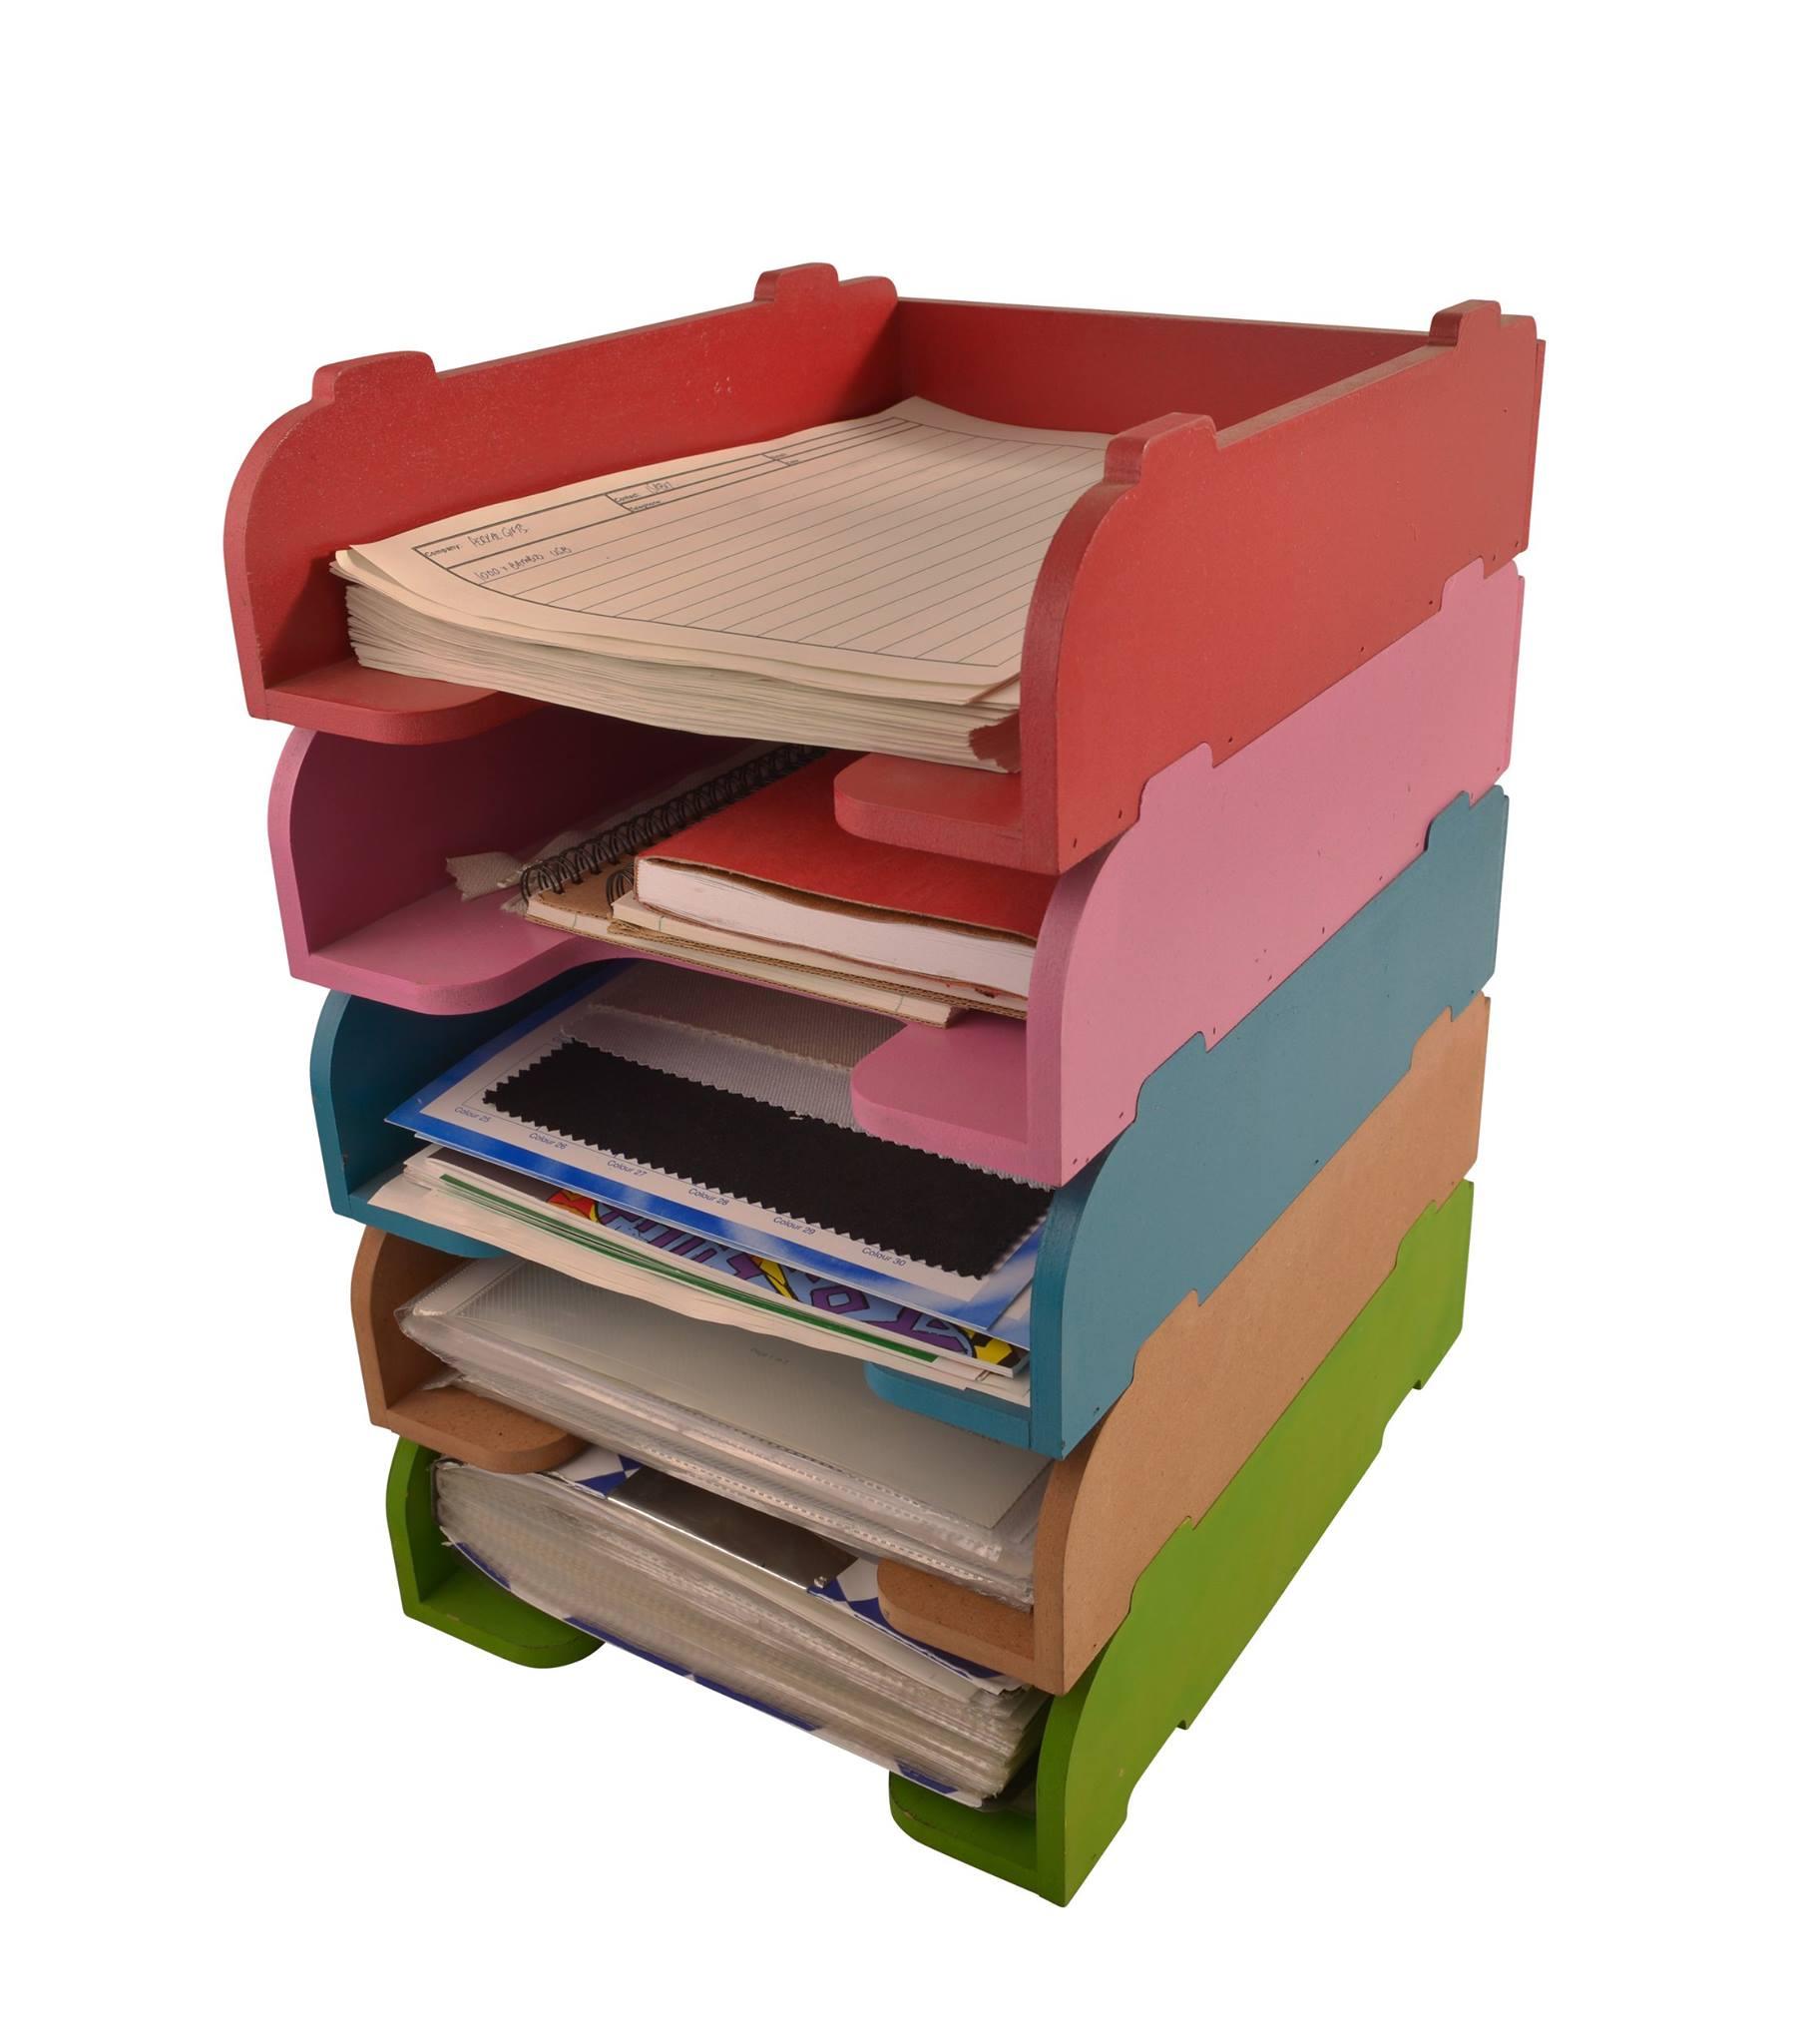 Wooden Desk Organiser Trays